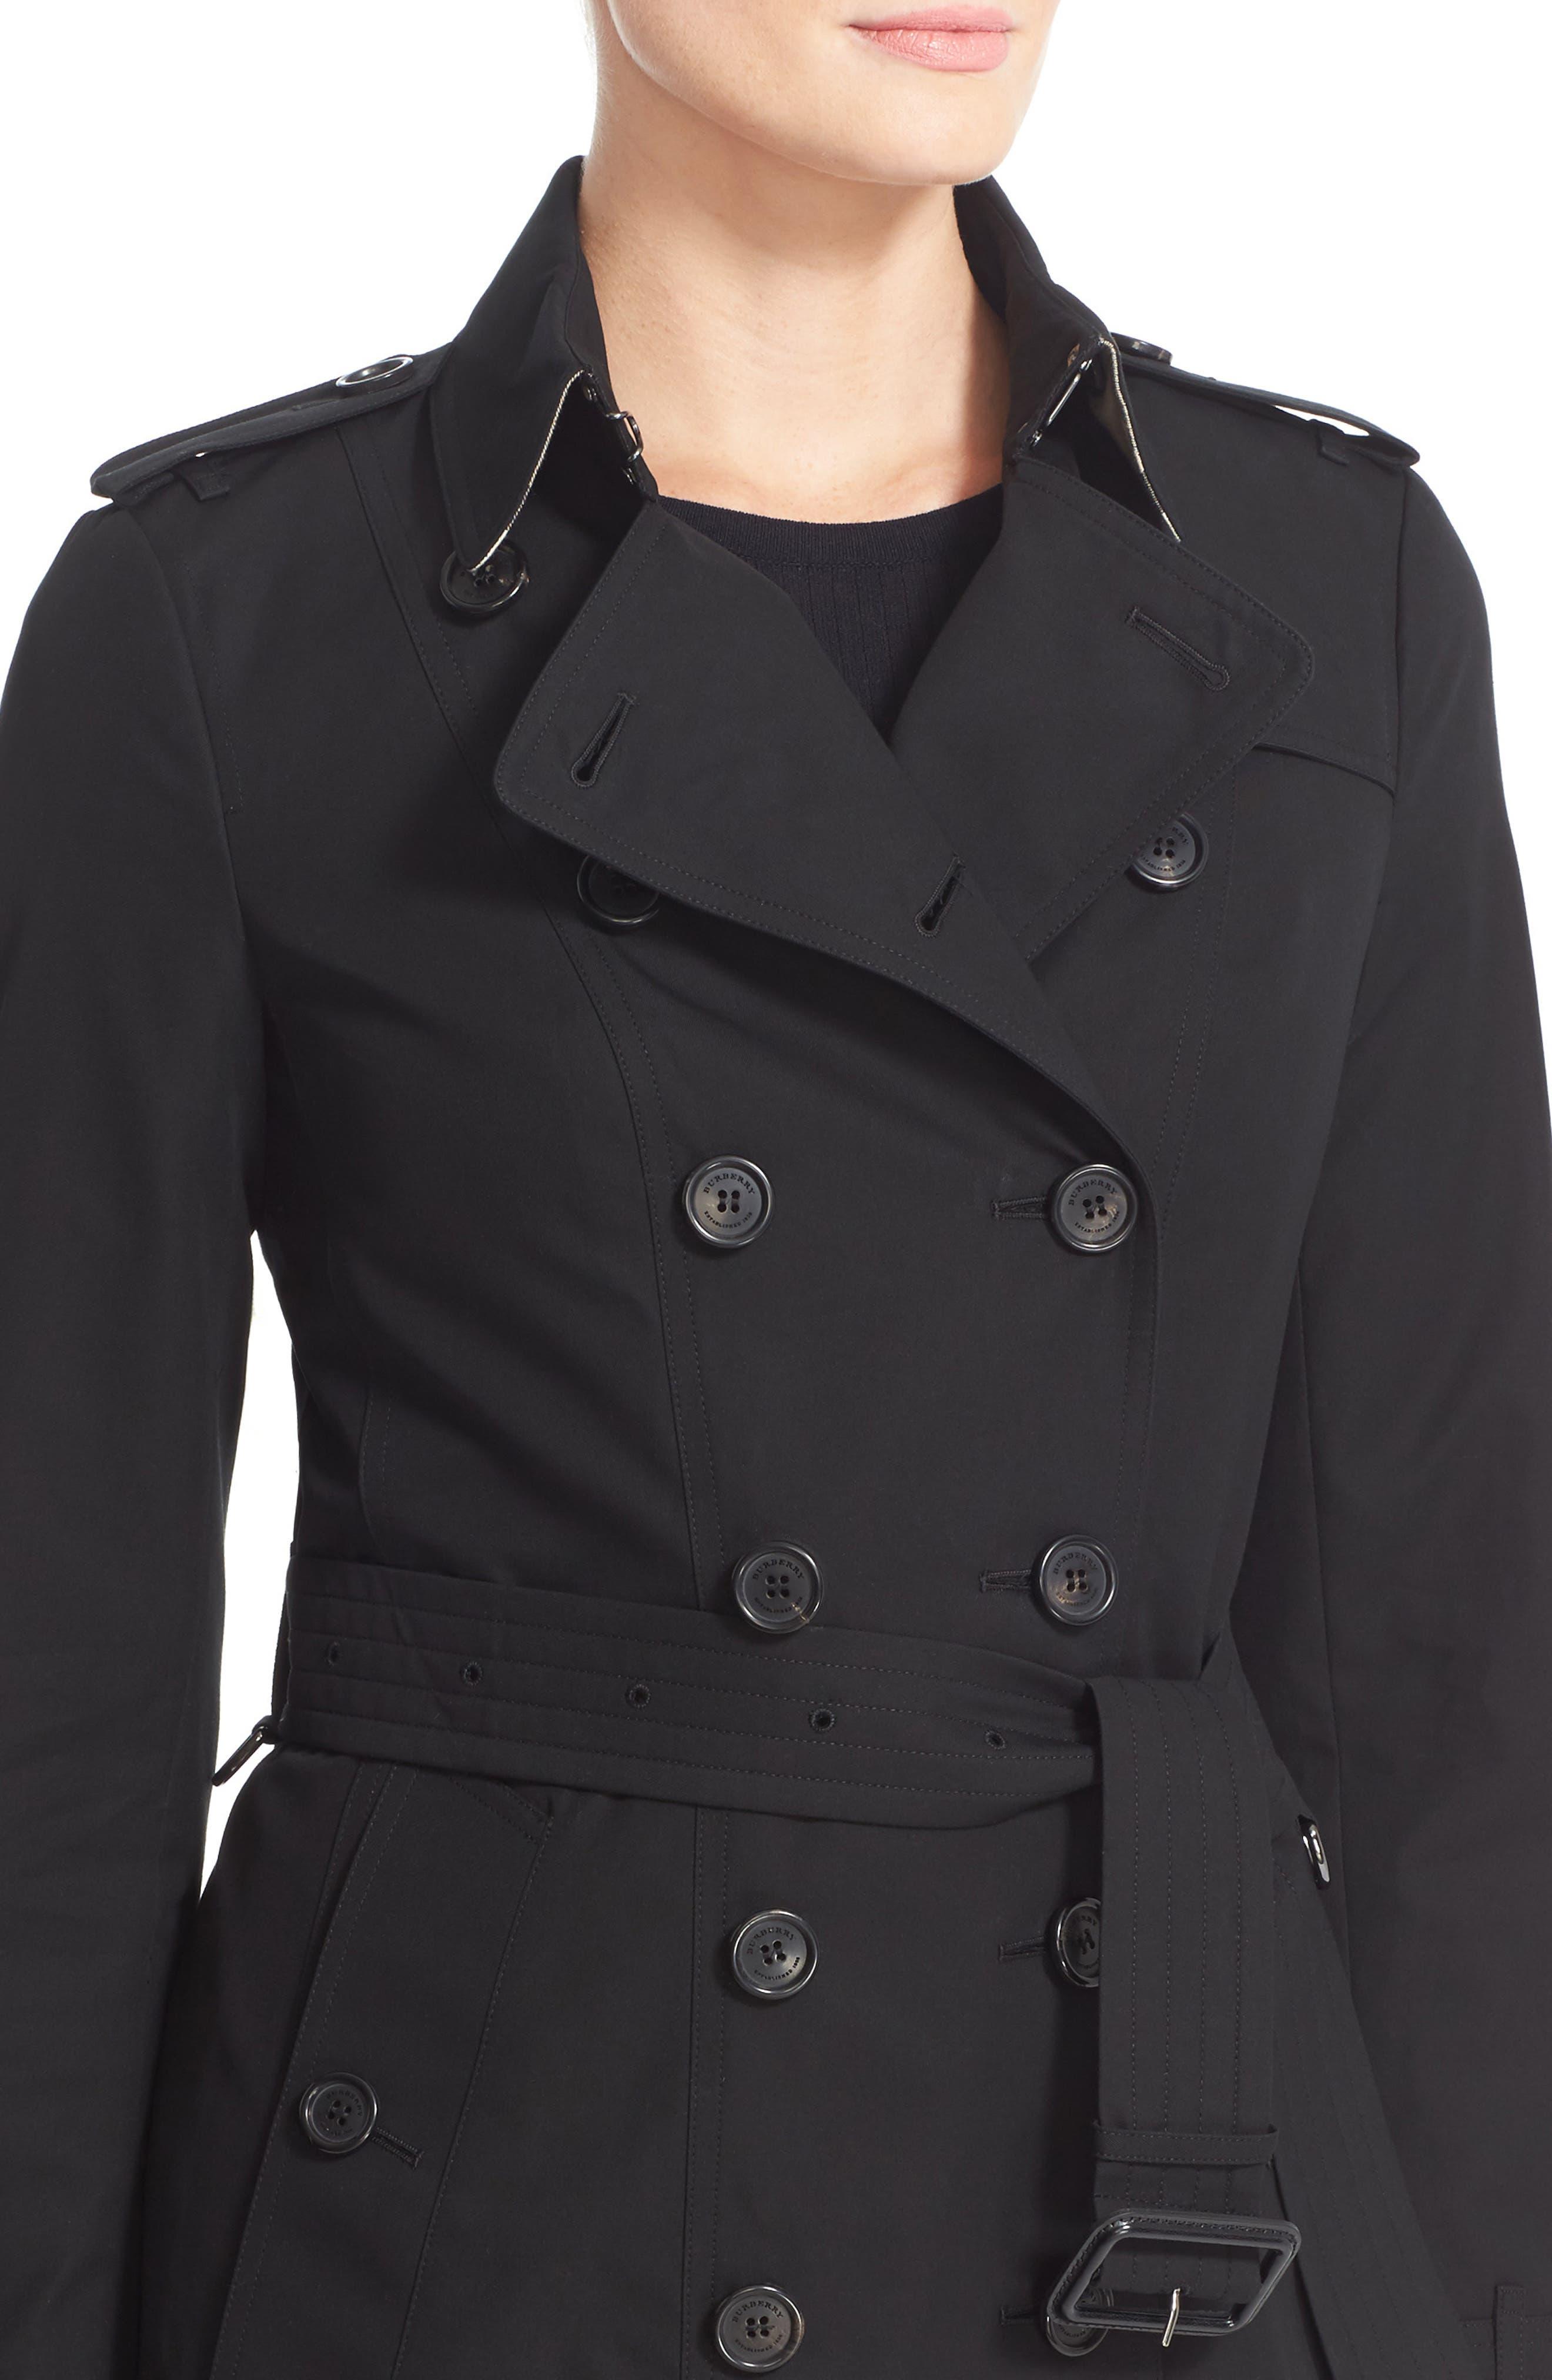 BURBERRY, Sandringham Long Slim Trench Coat, Alternate thumbnail 4, color, BLACK